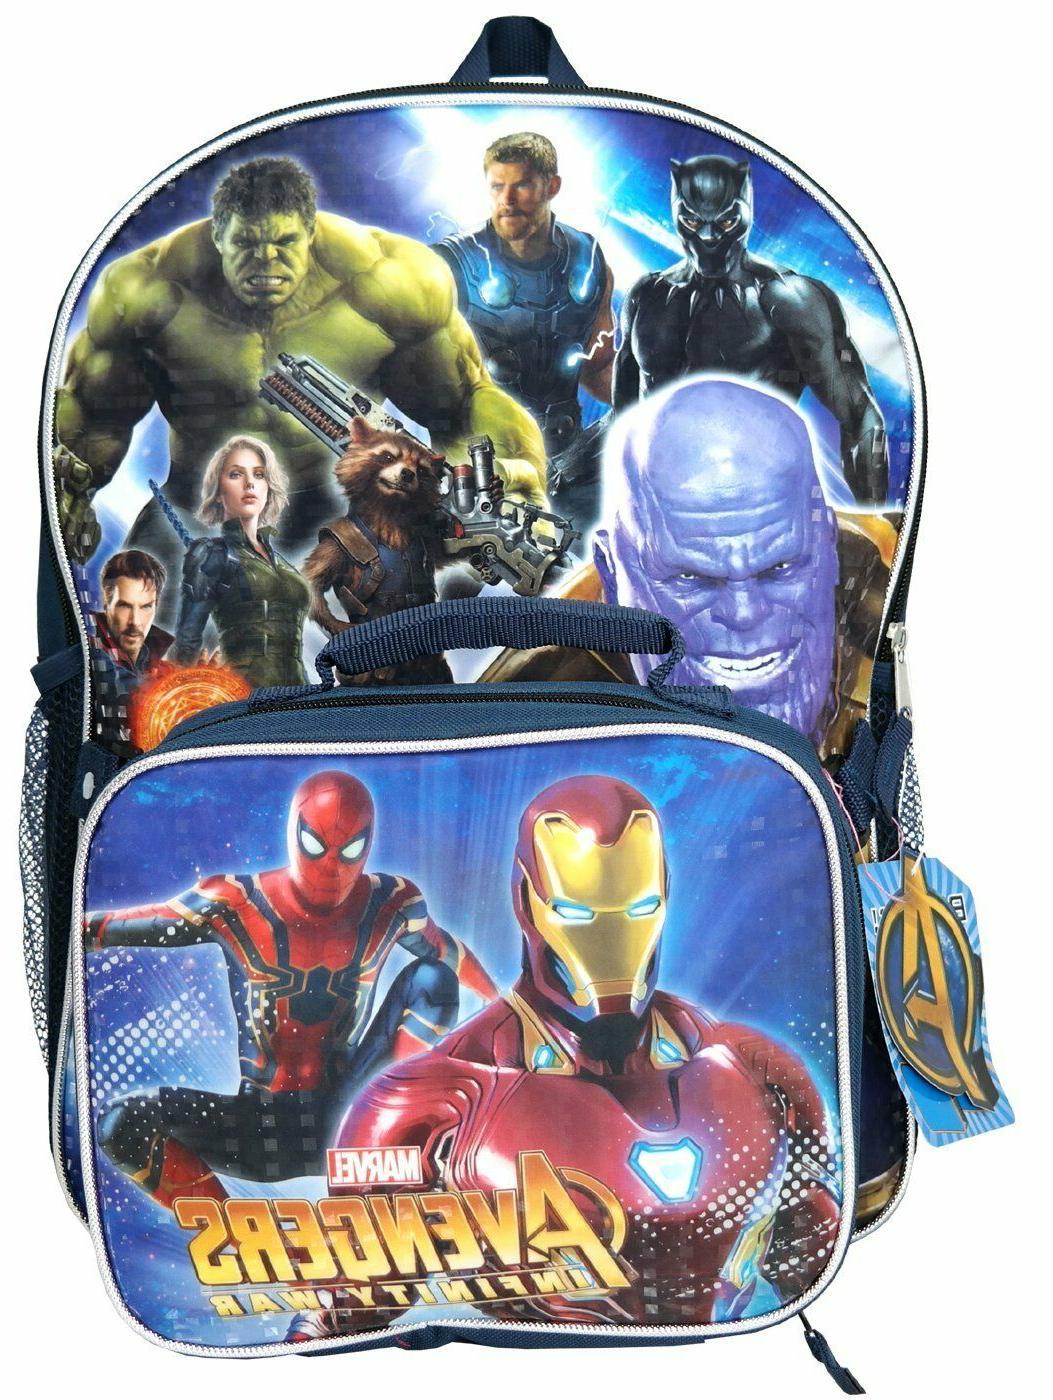 avengers endgame war boys 16 school backpack